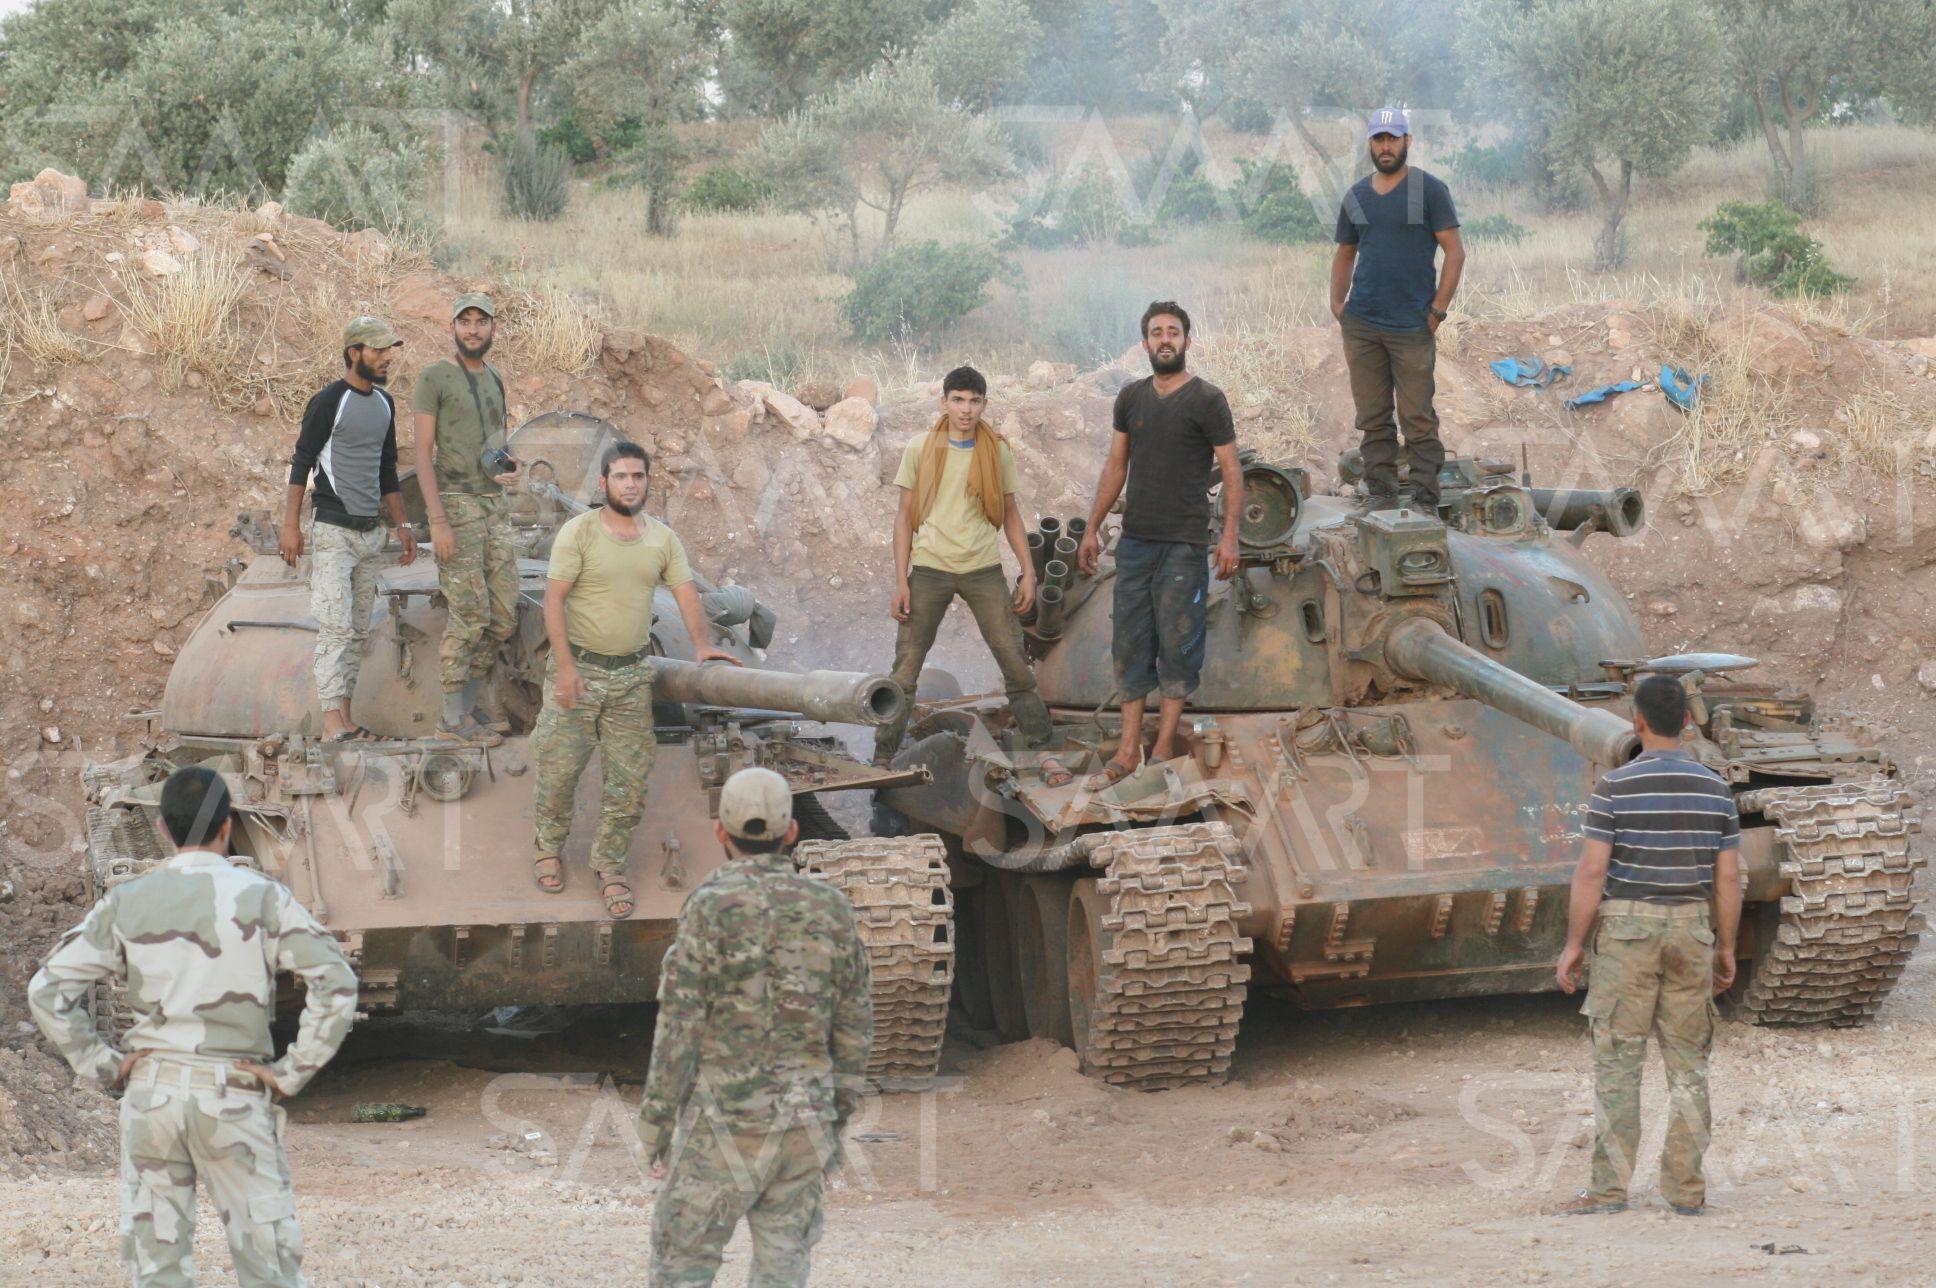 أكثر من 6 قتلى للنظام في محاولة تقدم فاشلة بريف حماه